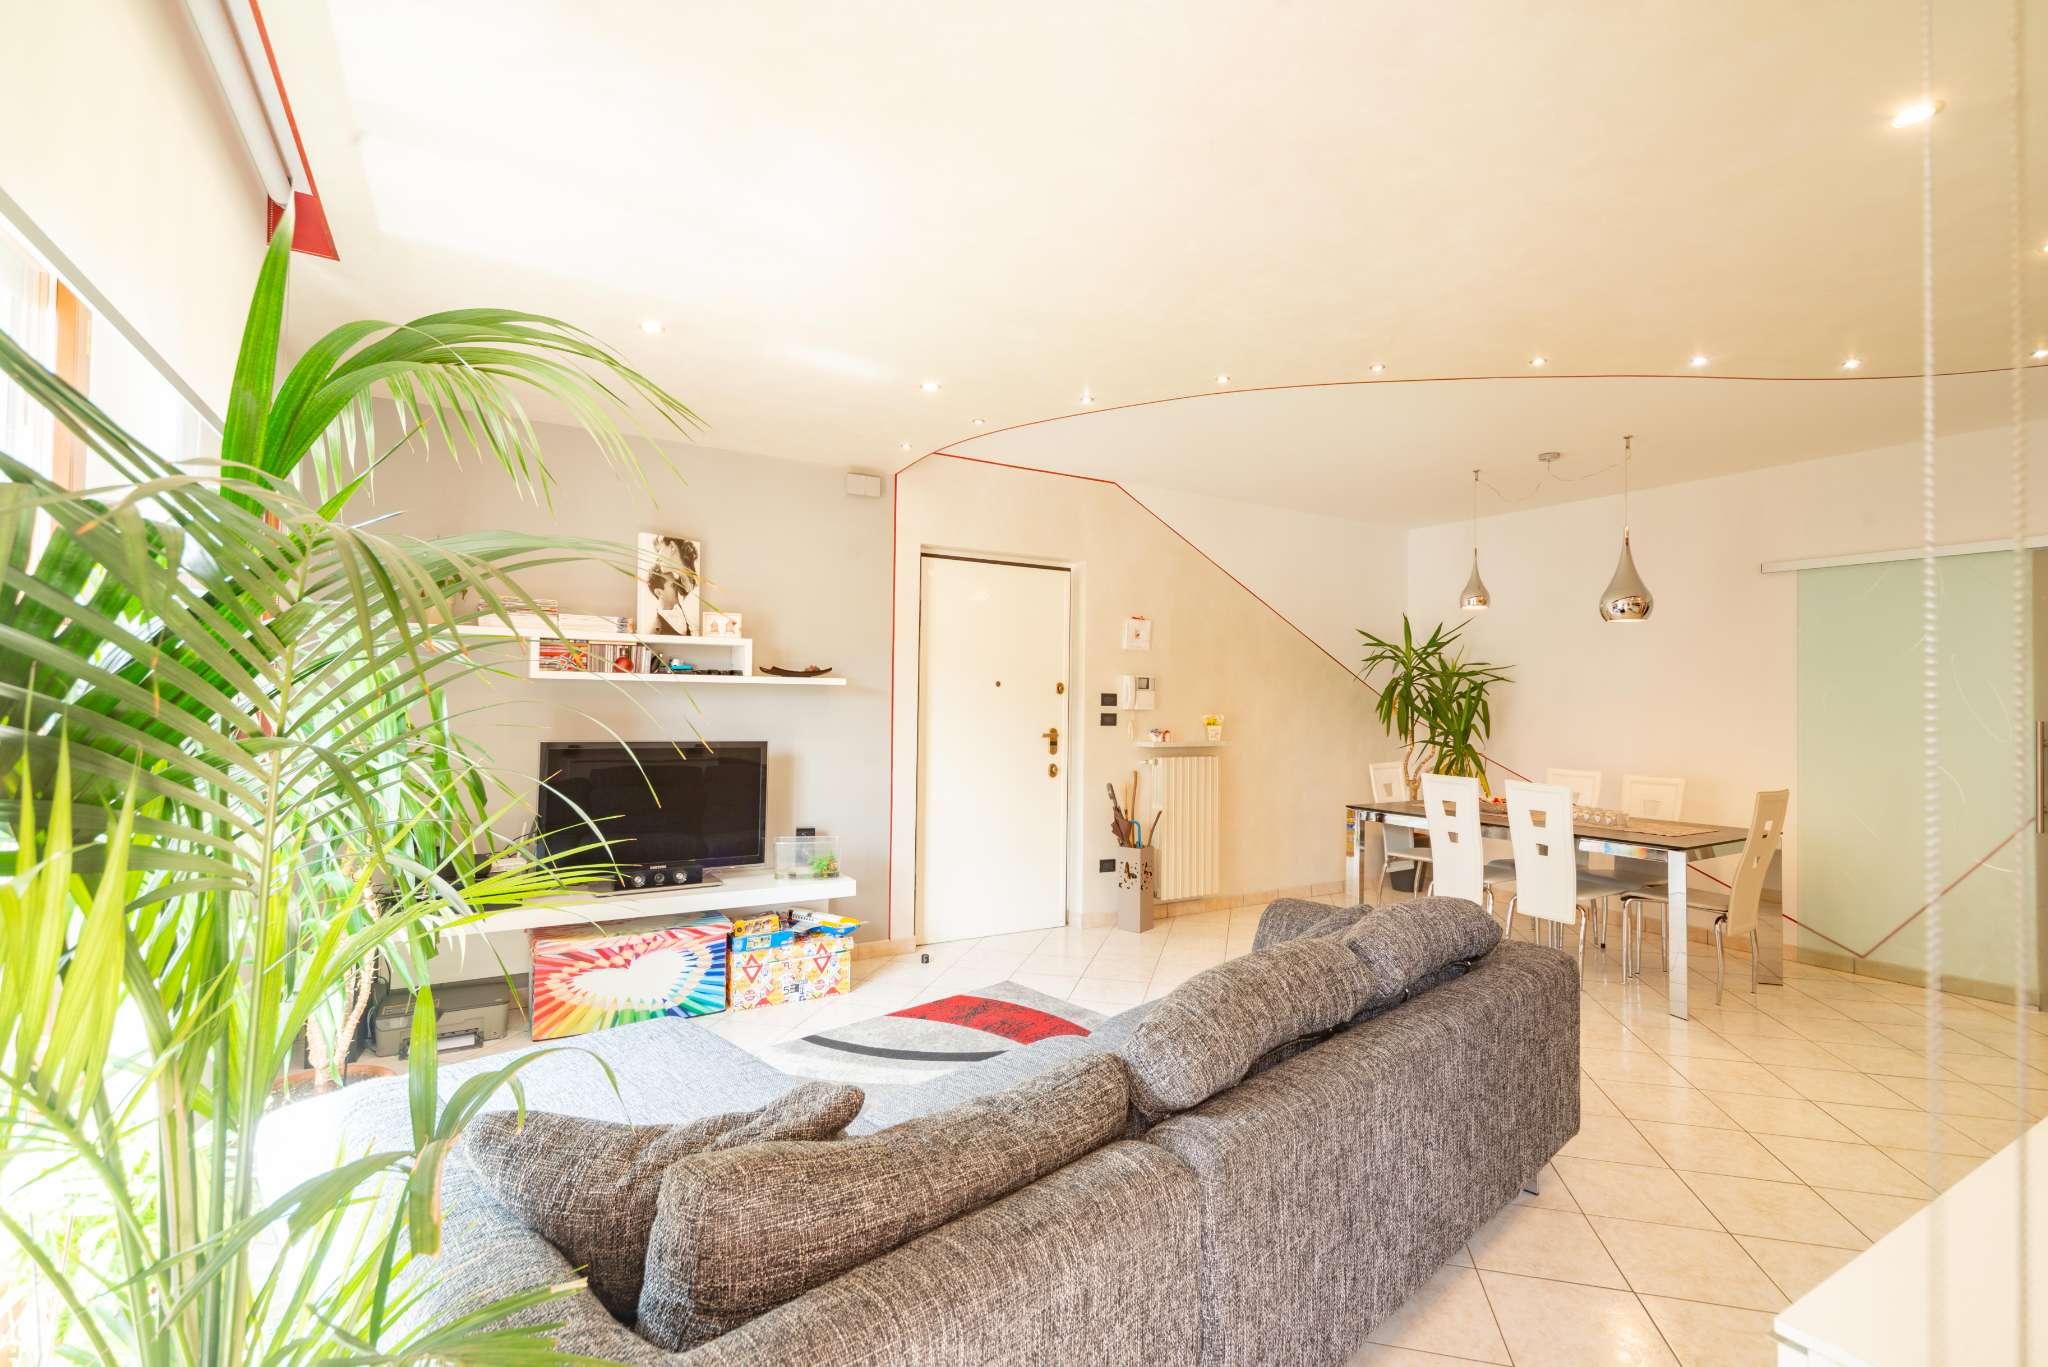 Appartamento in vendita a Caraglio, 4 locali, prezzo € 157.000 | PortaleAgenzieImmobiliari.it